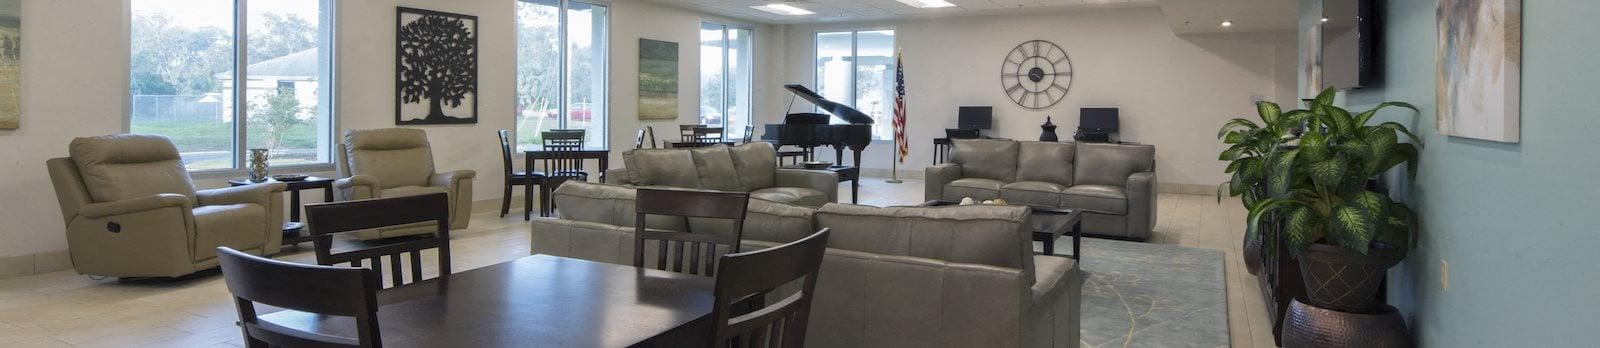 Mount Carmel Gardens Senior Apartments in Jacksonville, FL Banner Image